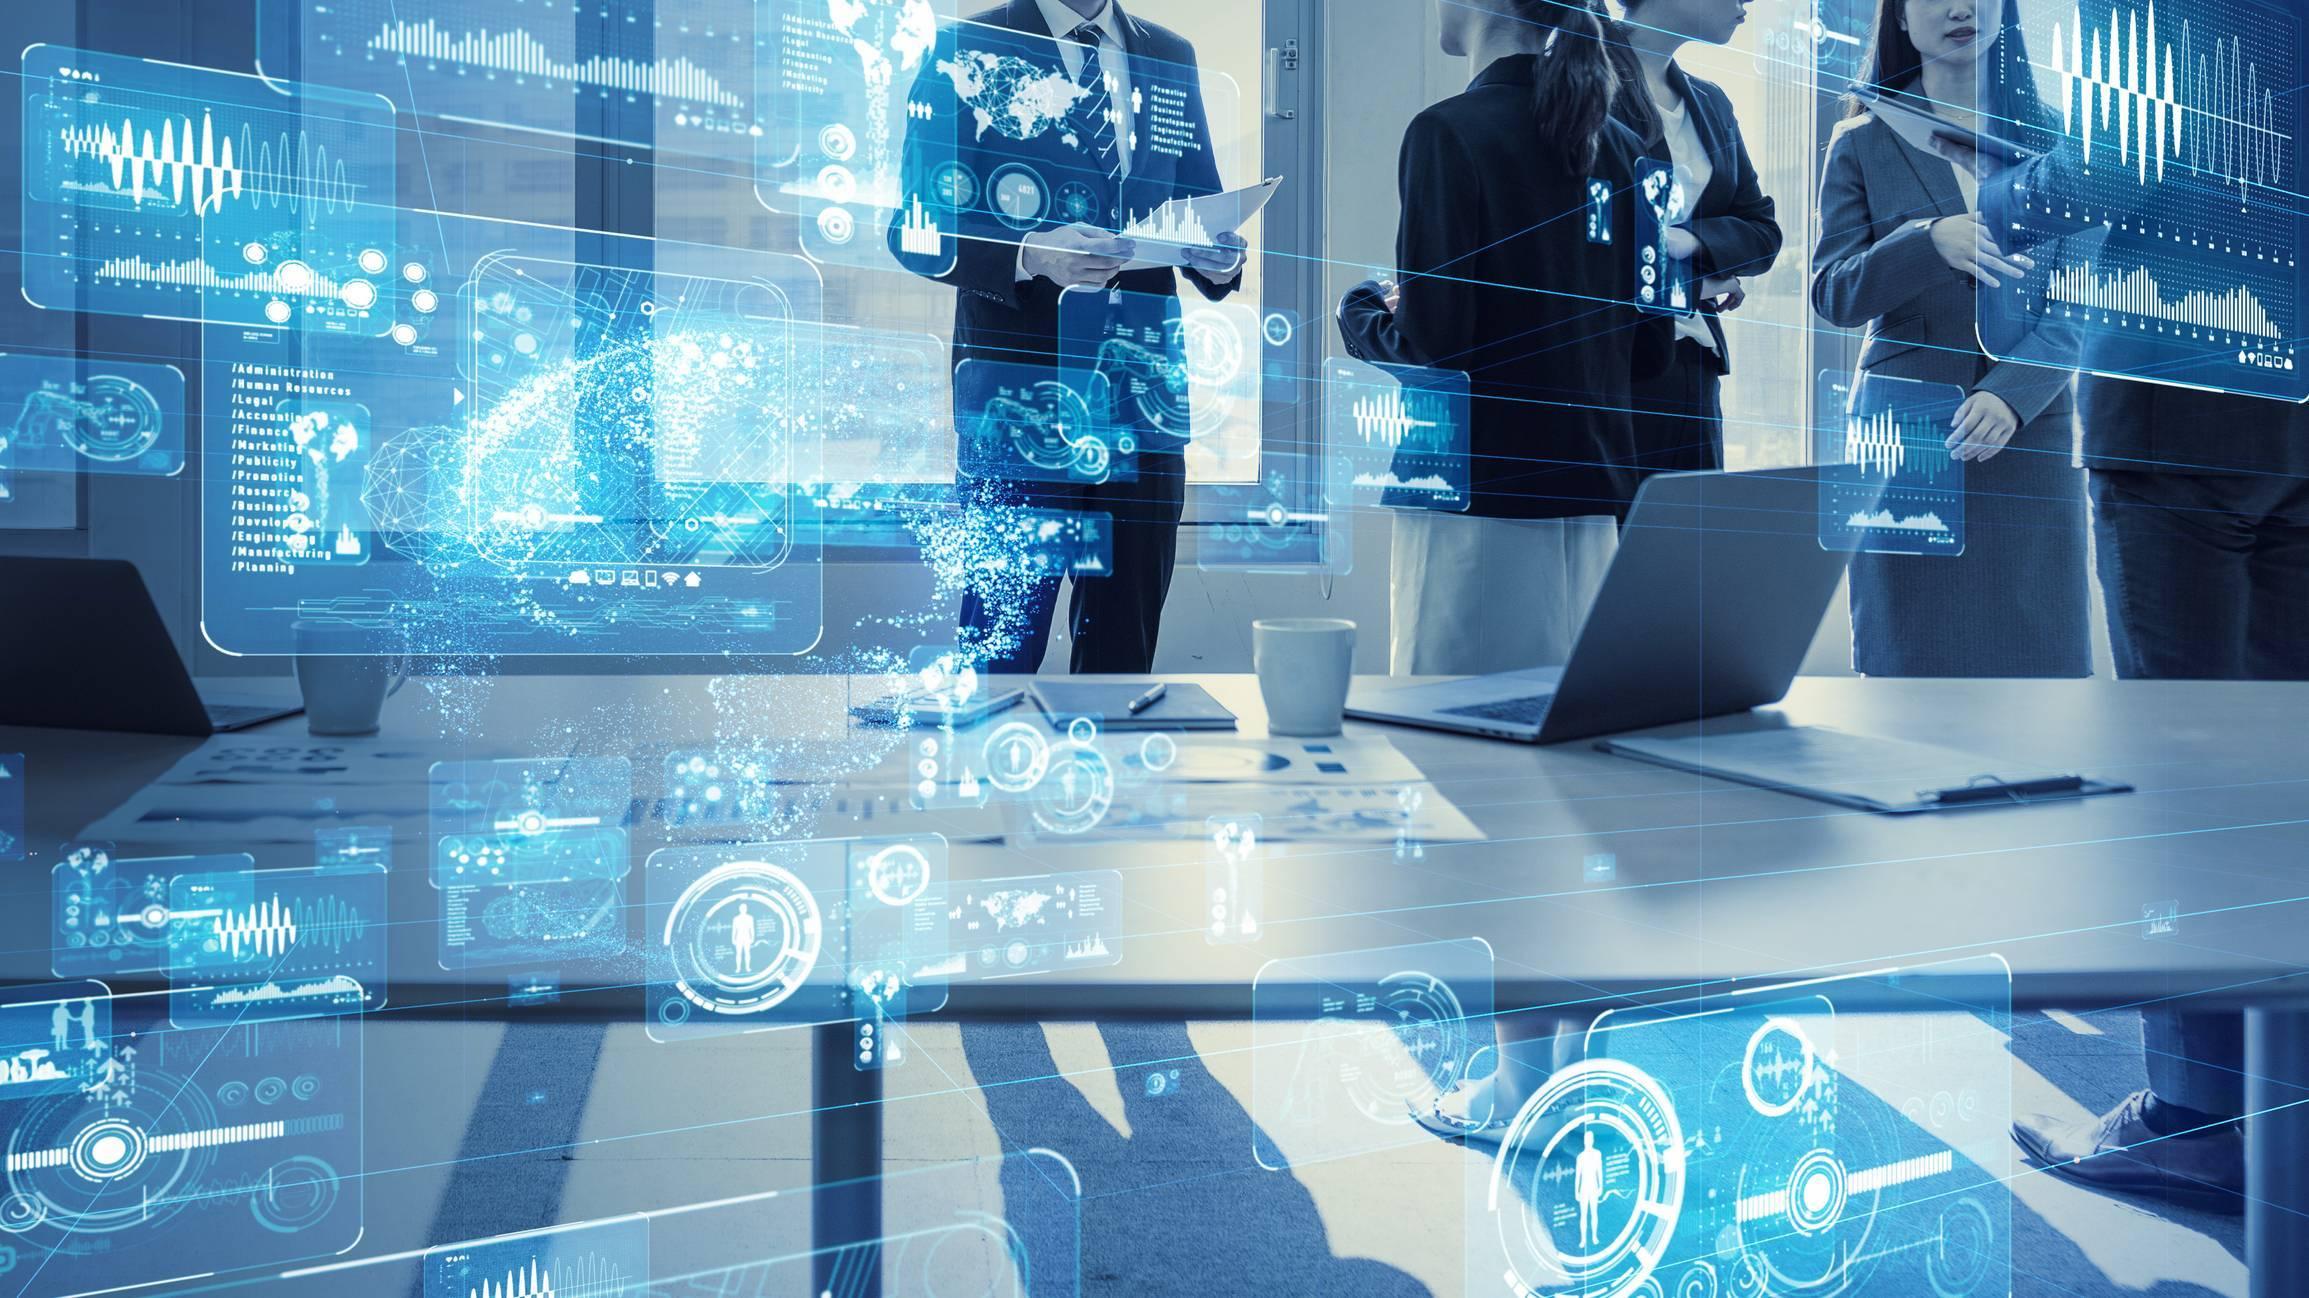 stratégie digitale, mieux comprendre et agir